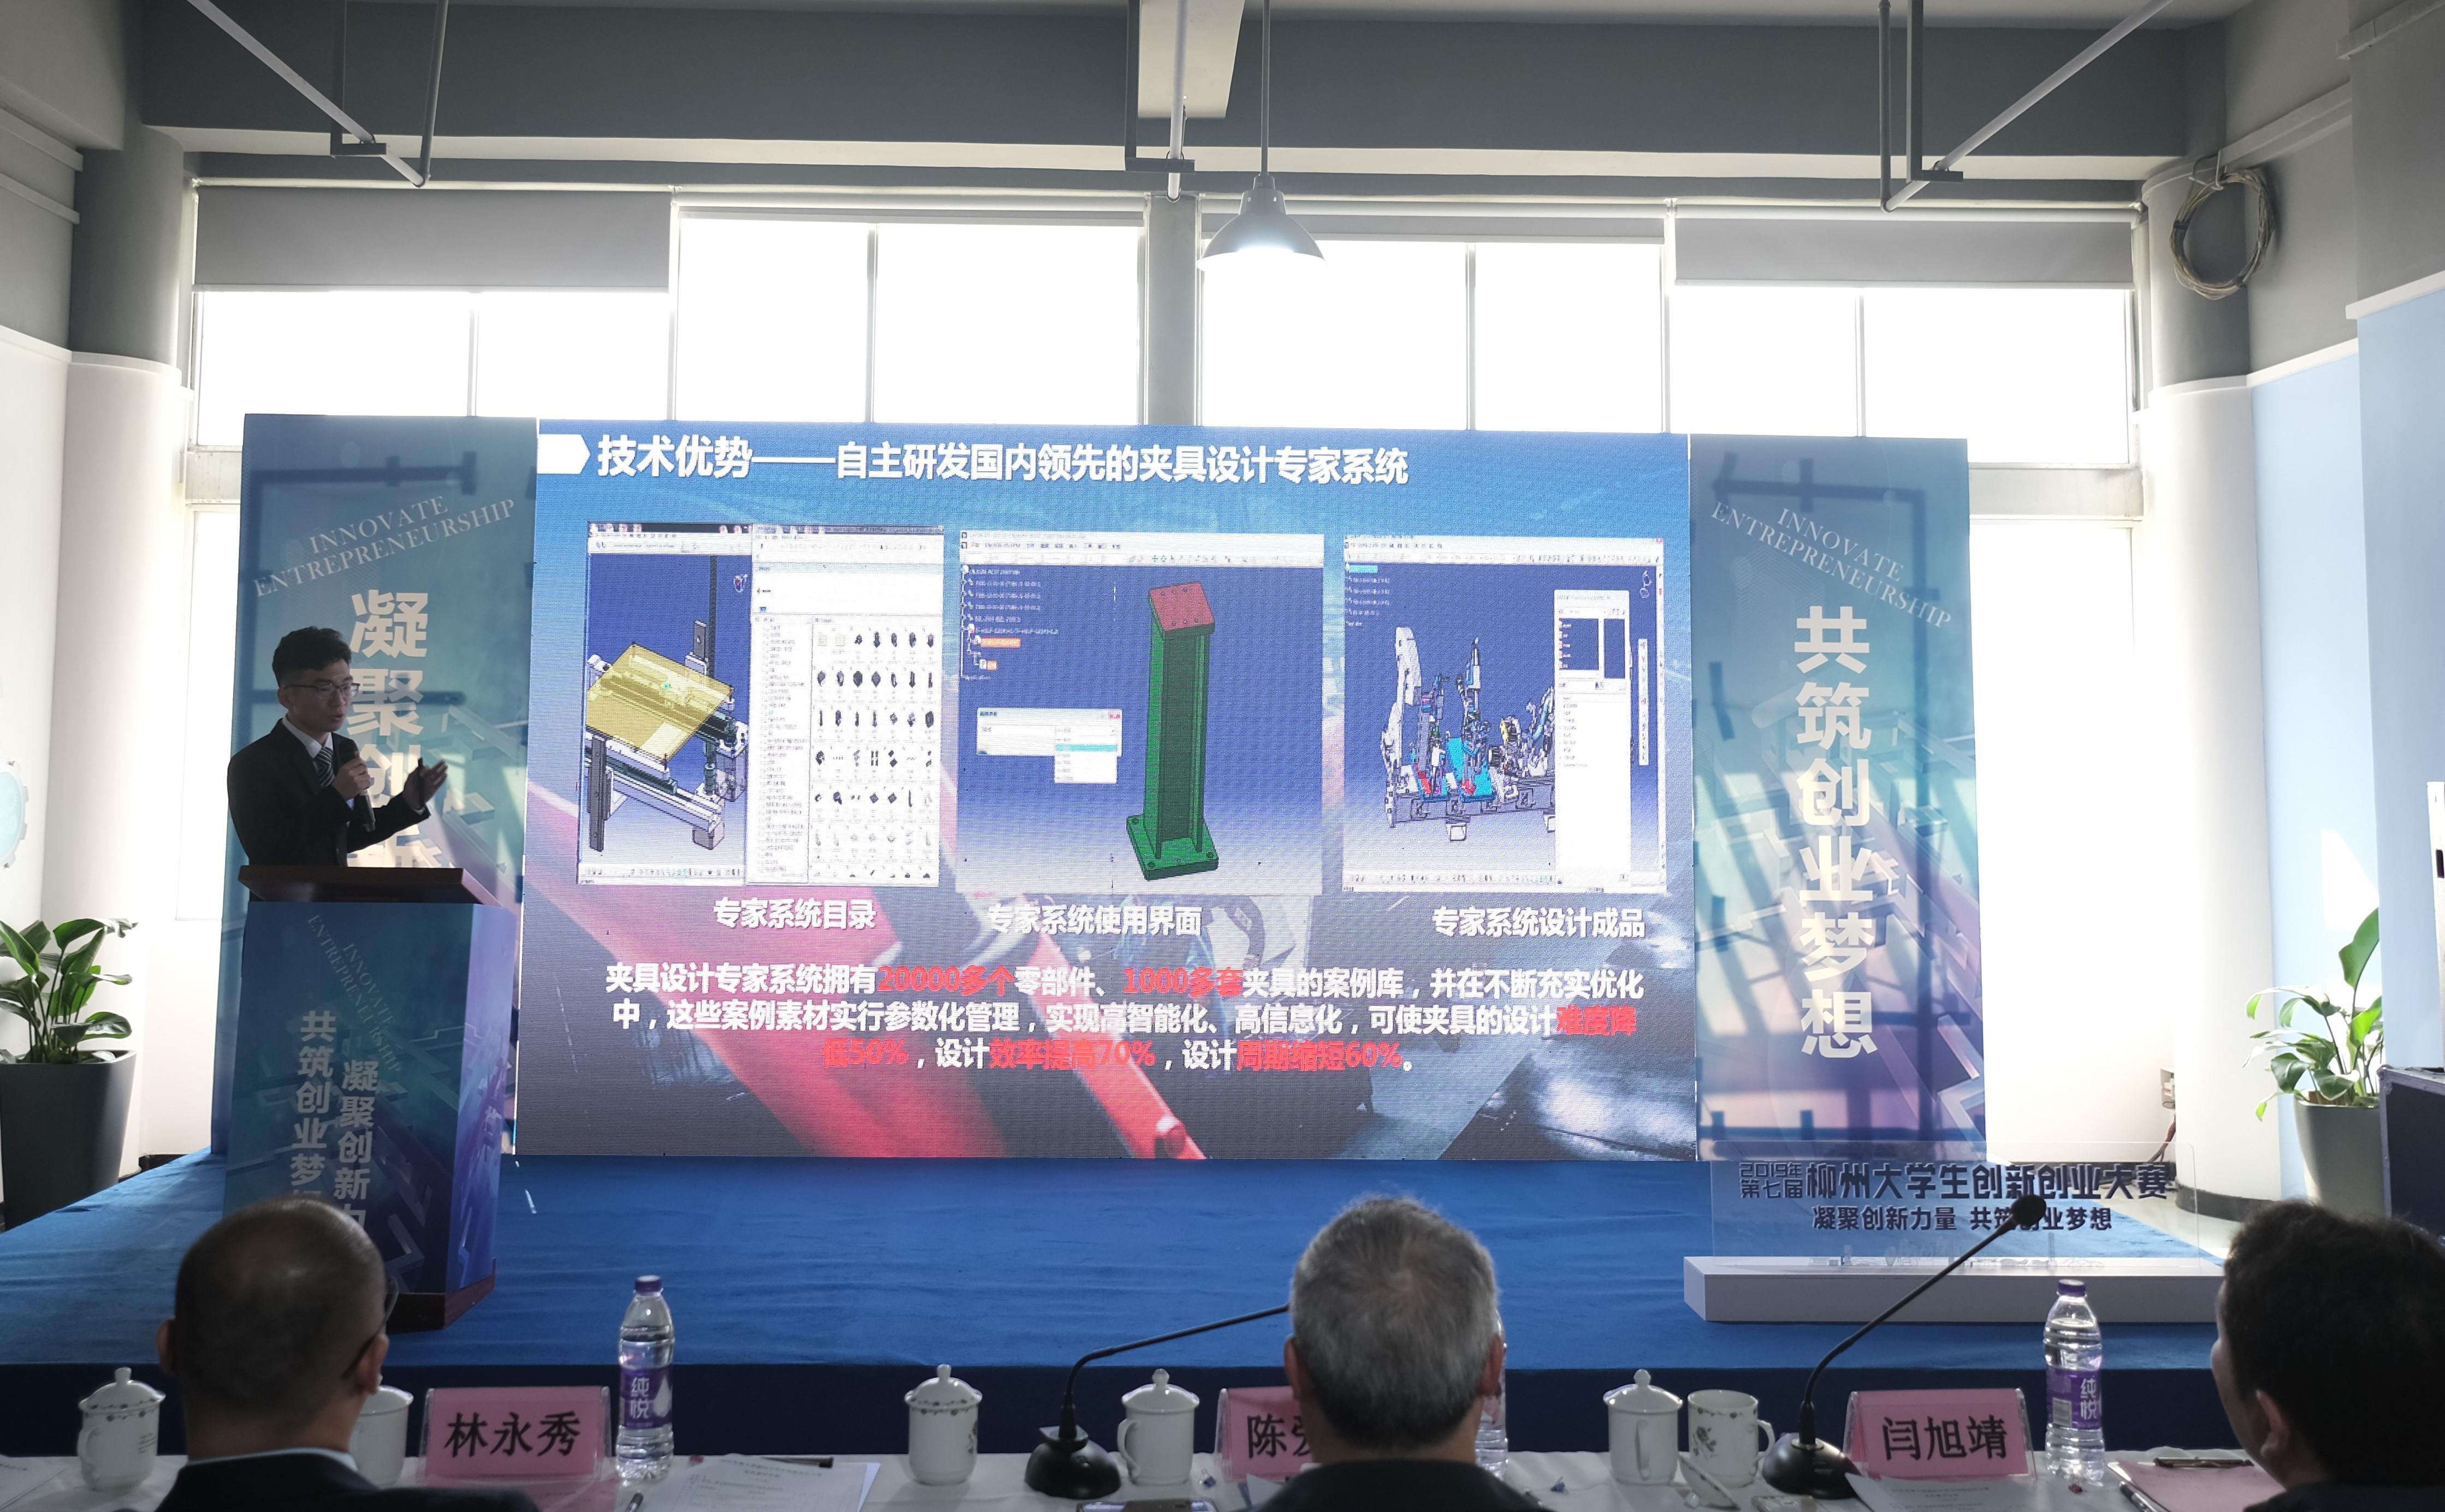 喜讯:我校学子在第七届柳州大学生创新创业大赛中获得佳绩